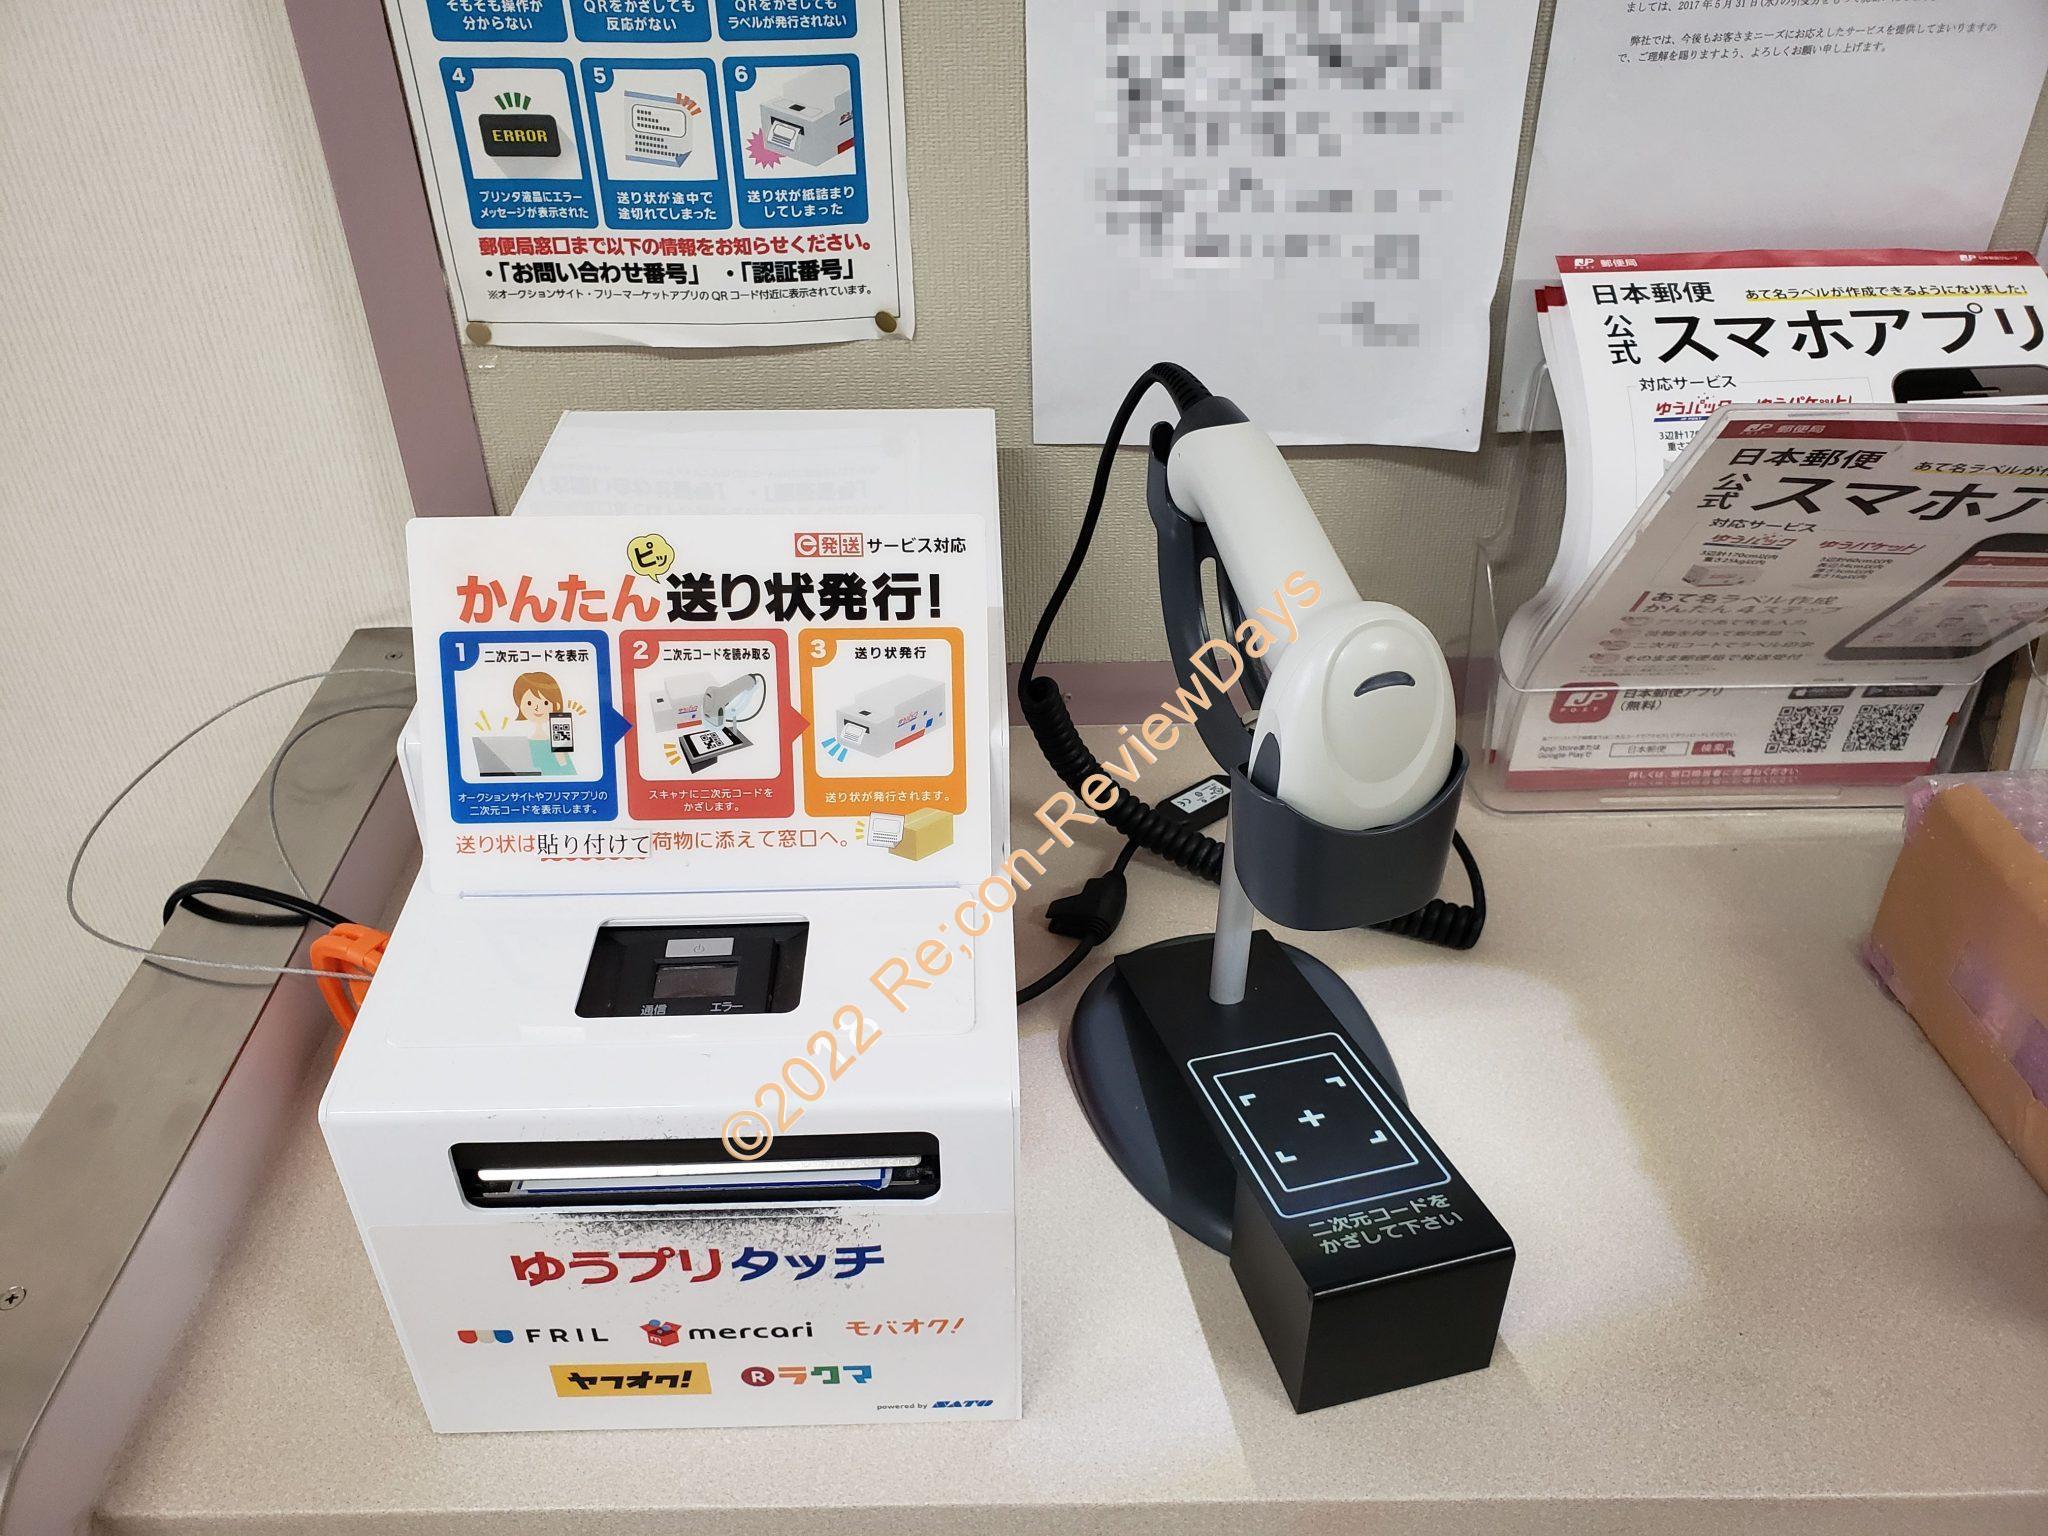 ゆうパックスマホ割のメリット、デメリットを考える #日本郵政 #郵便局 #ゆうパック